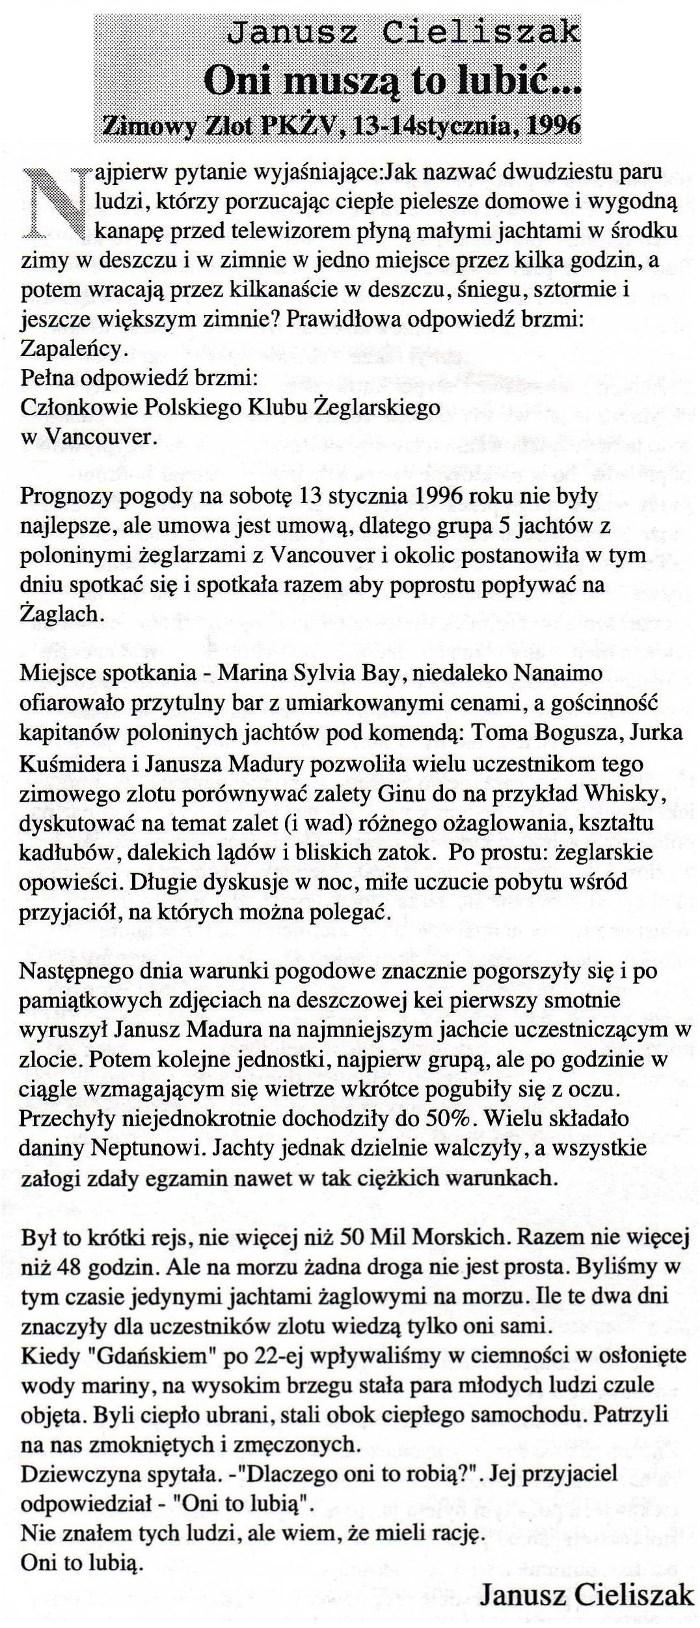 5 Zimowy Zlot PKZ 13-14.01.1996 (700)